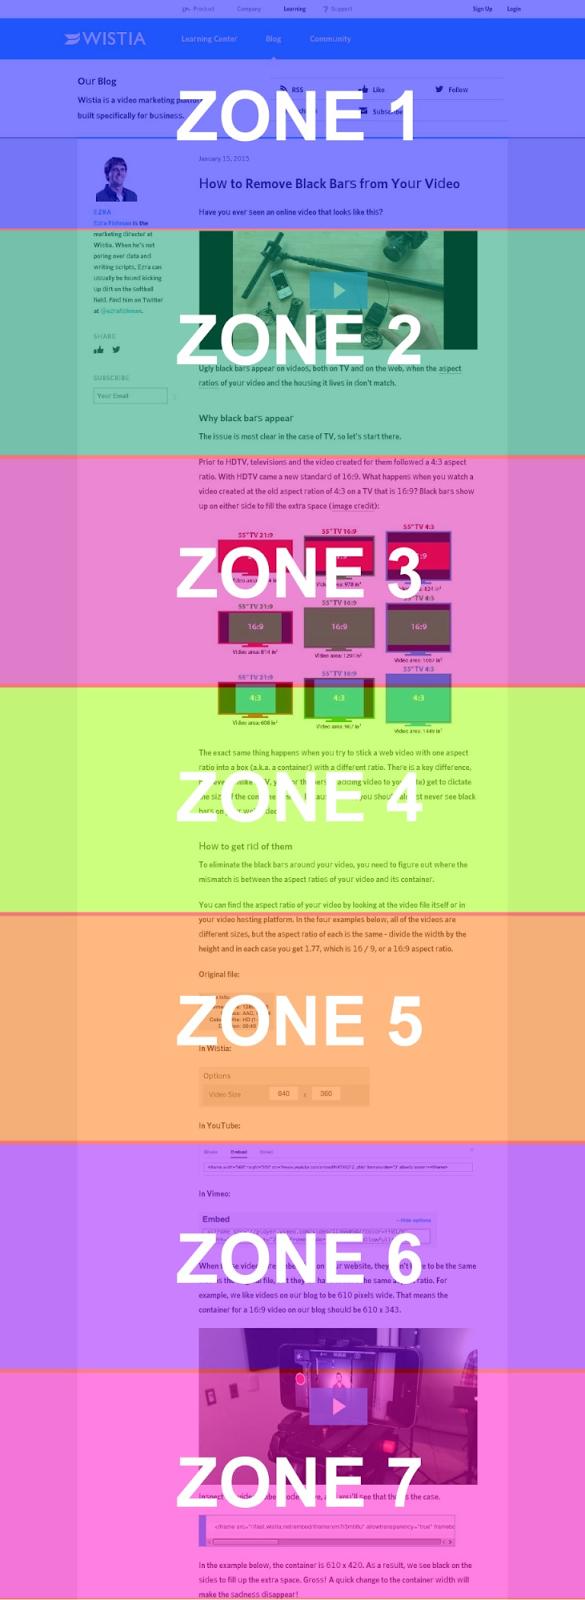 Оптимизация размера и места размещения видео